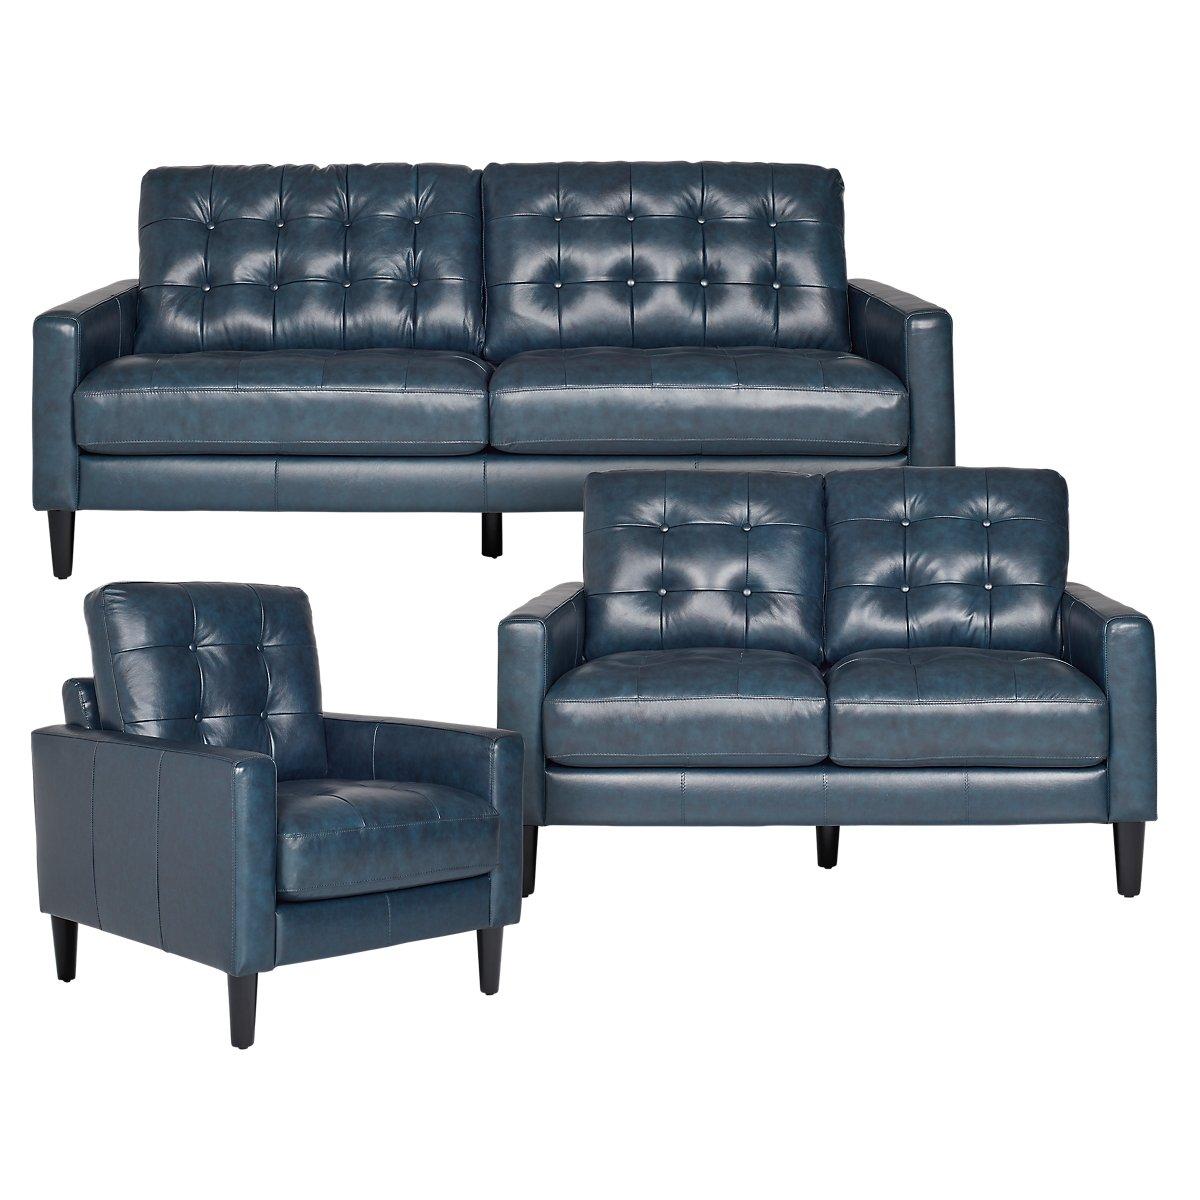 Finley Dark Blue Leather & Vinyl Living Room | Living Room - Living Room Sets | City Furniture